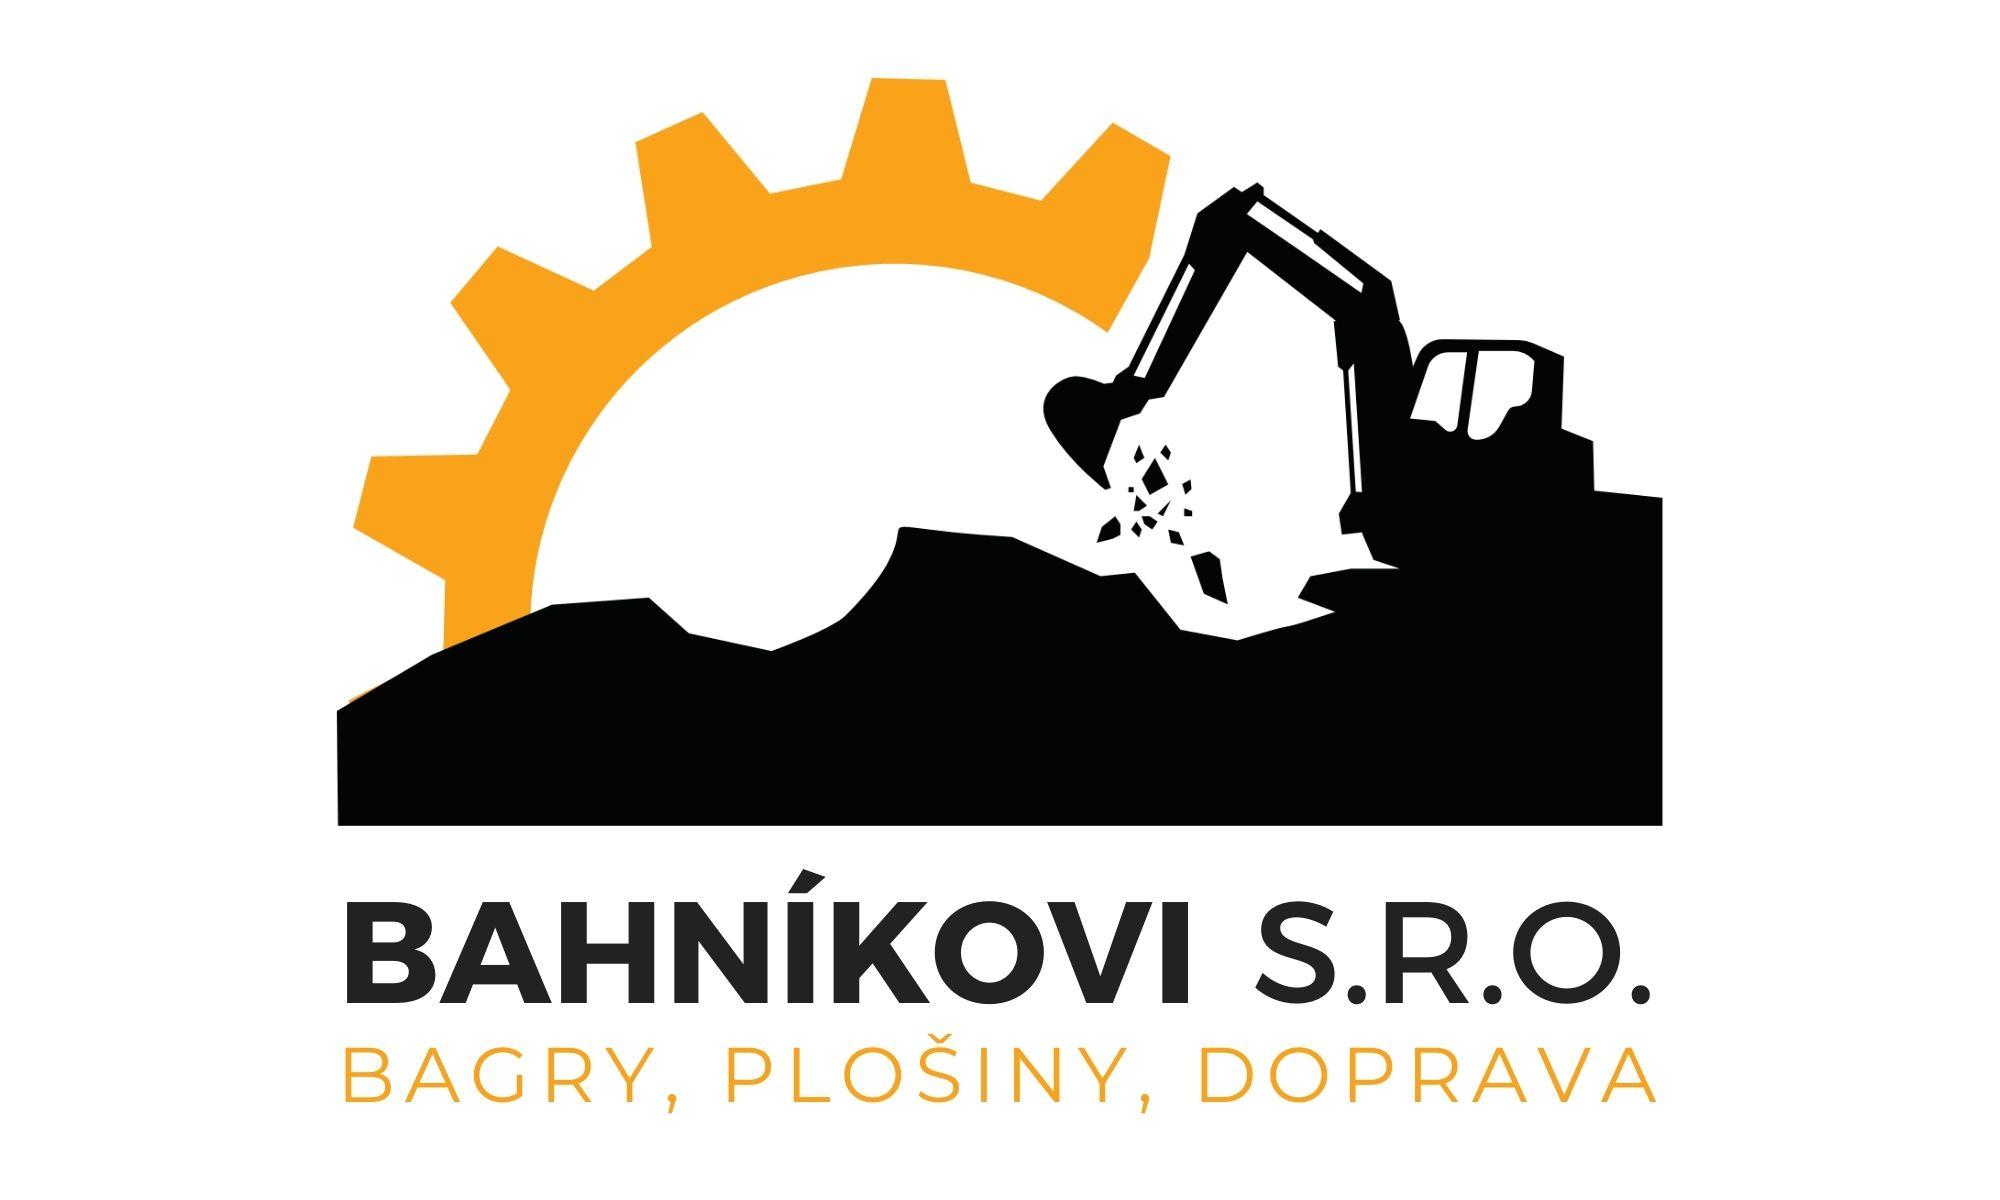 Vysokozdvižné plošiny Mladá Boleslav      Ladislav Bahník     Informační linka: 602 442 555